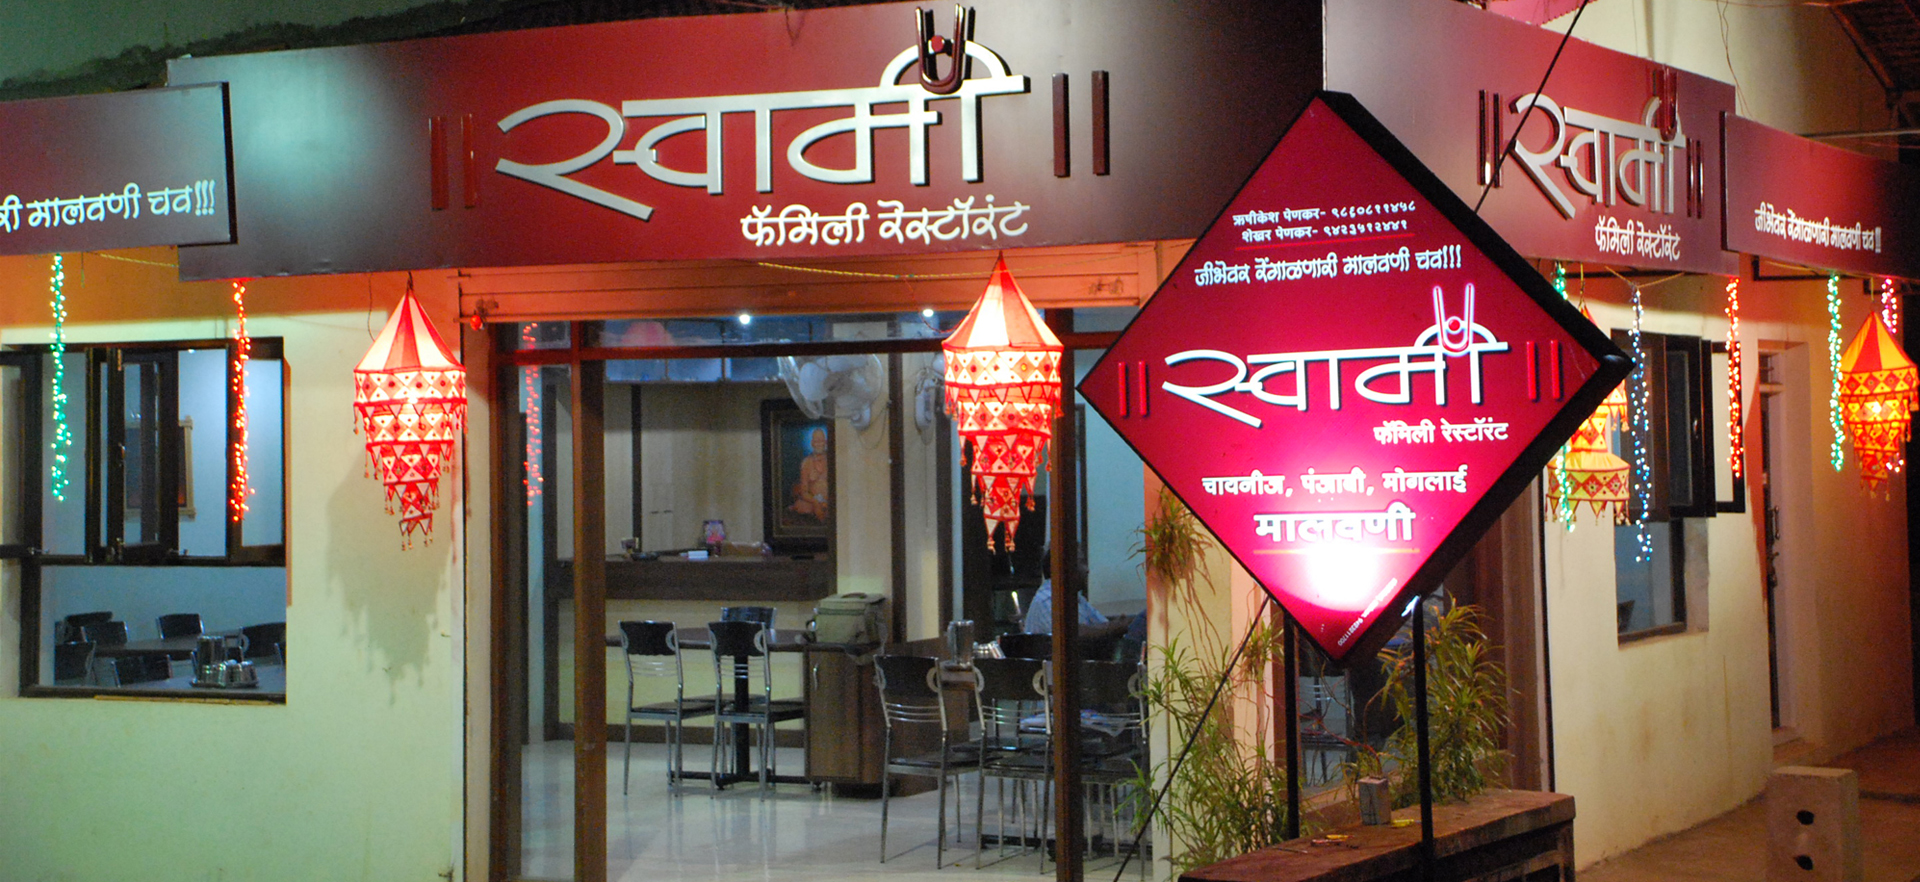 Swami Family Restaurant Slider Image 1